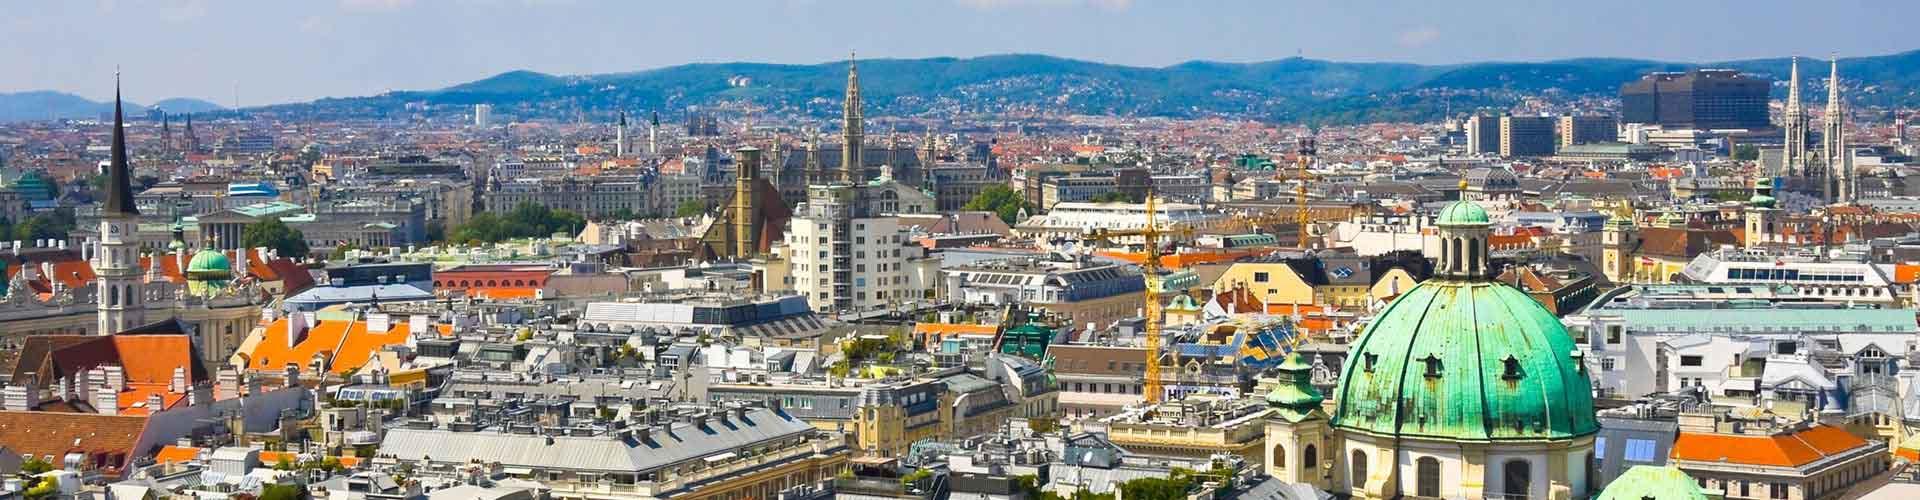 Wien – Hostels in Wien. Wien auf der Karte. Fotos und Bewertungen für jedes Hostel in Wien.